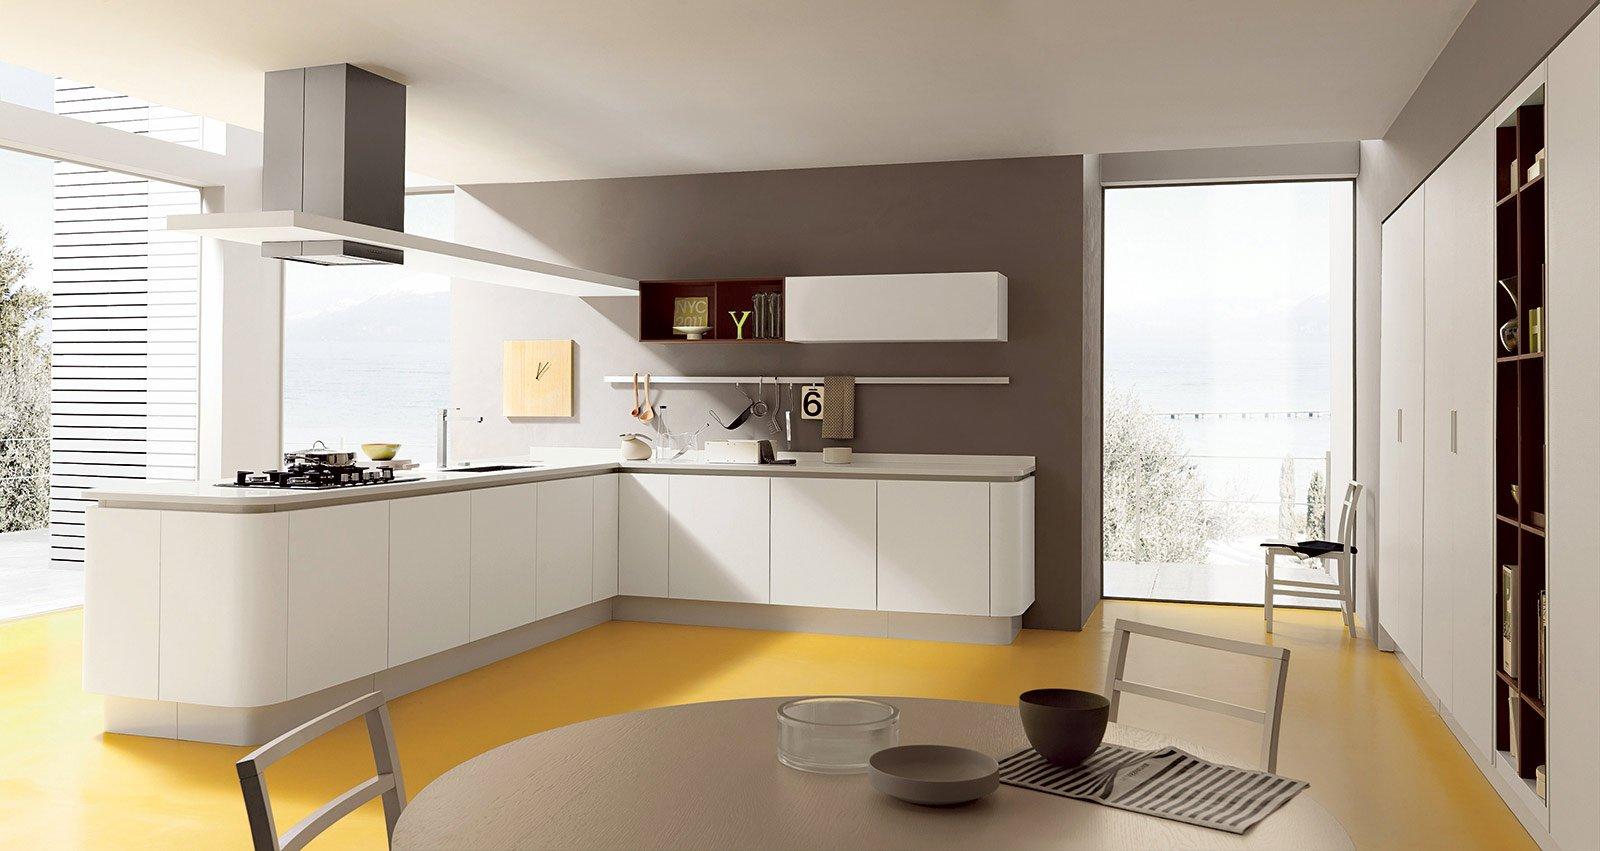 Accessori da cucina ikea : ikea accessori per utensili da cucina ...